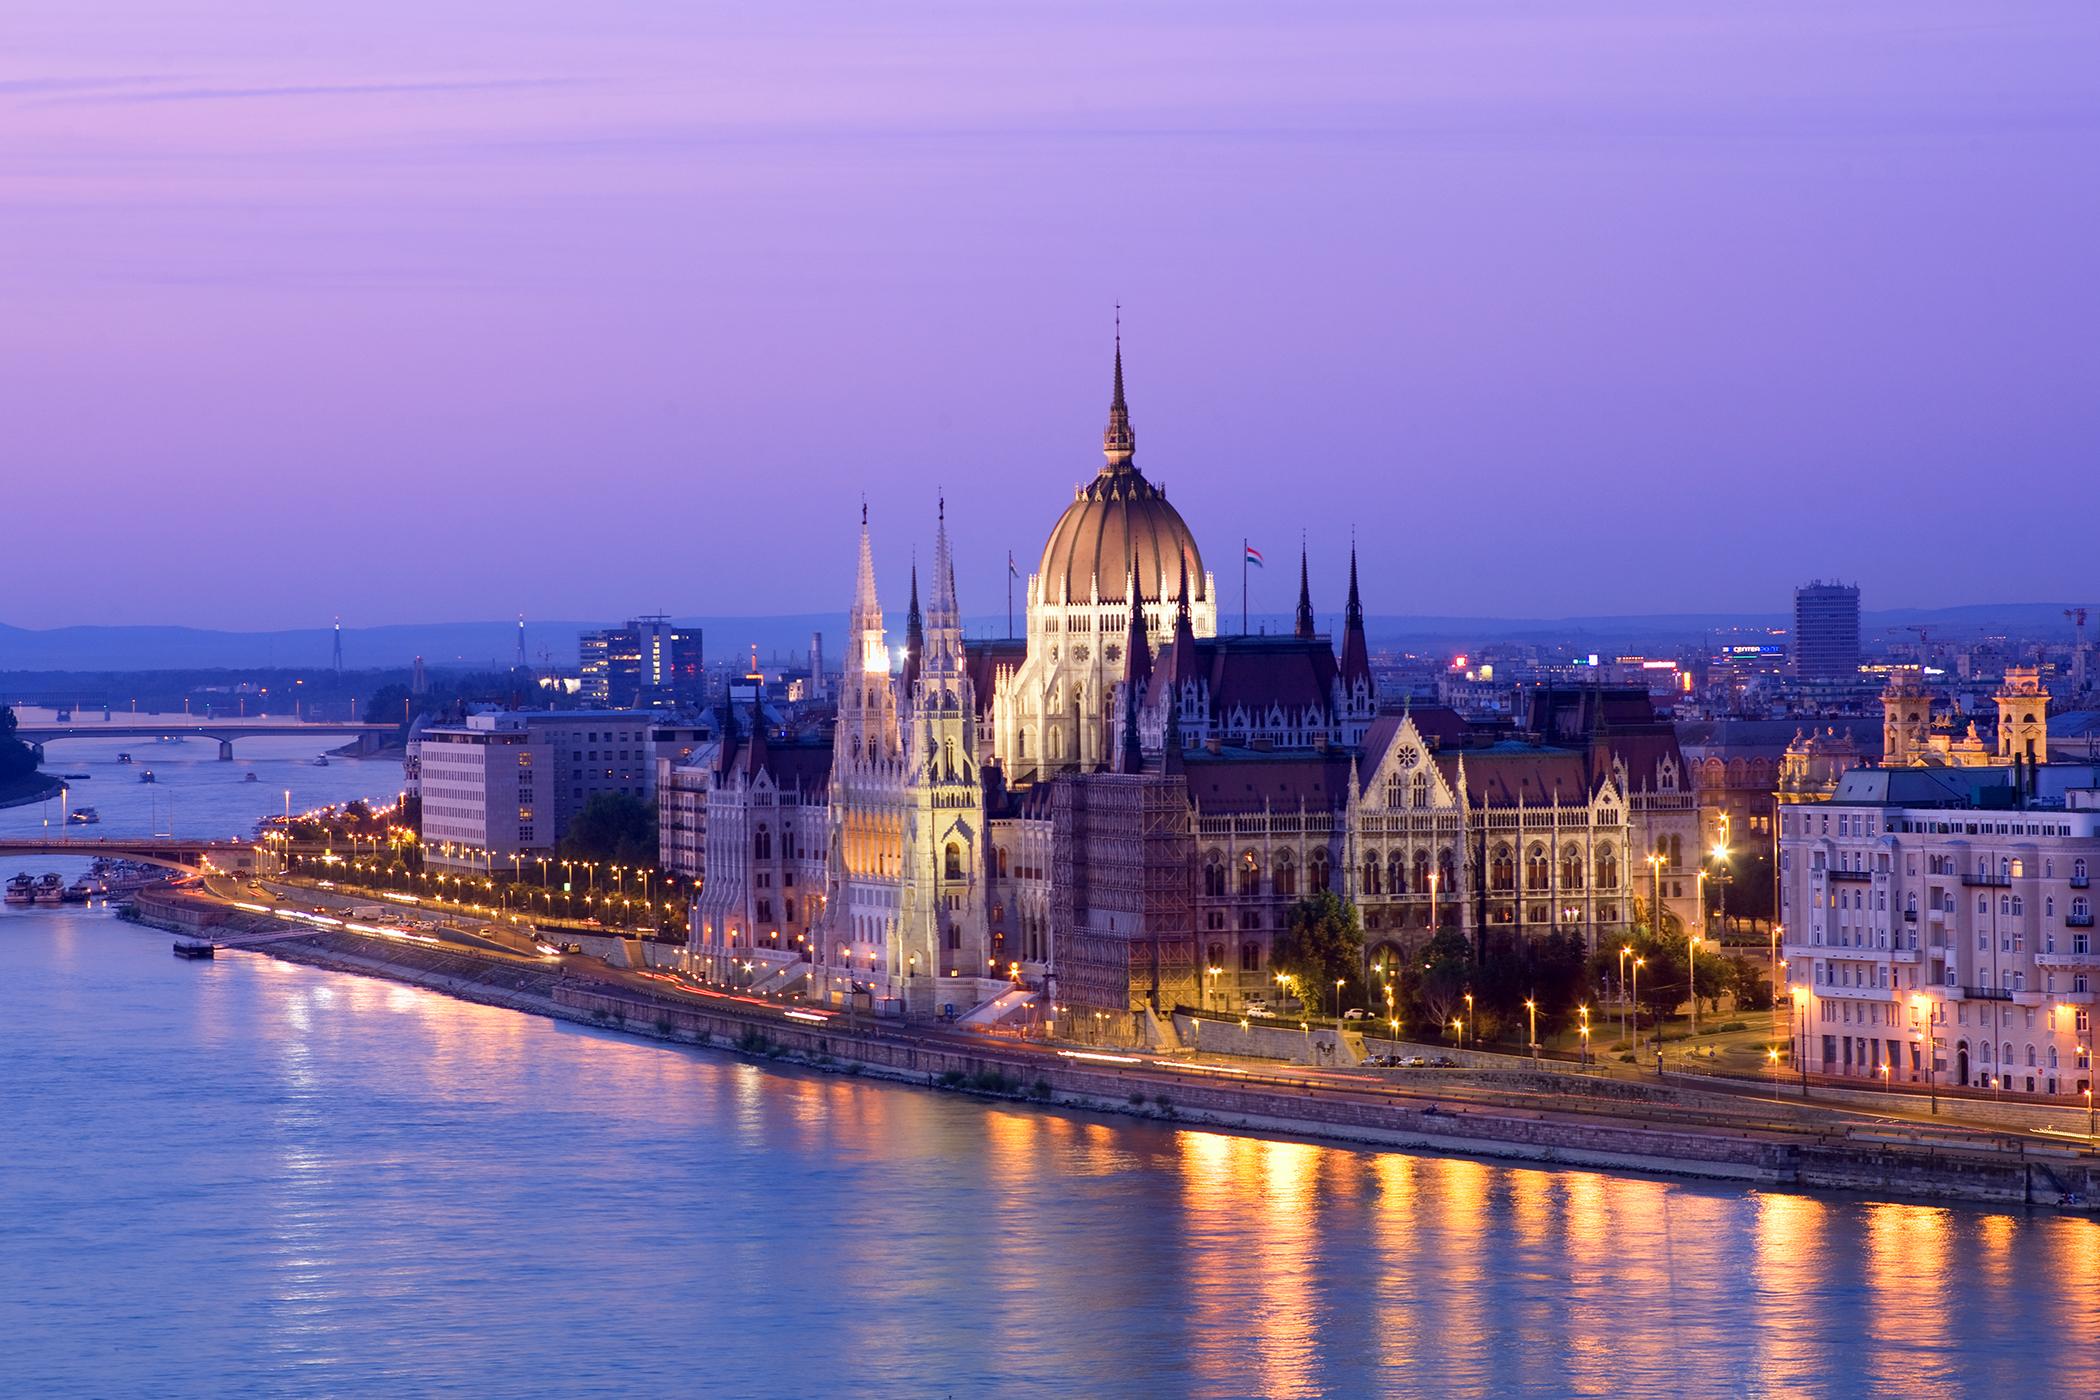 170407-europe-travel-budapest